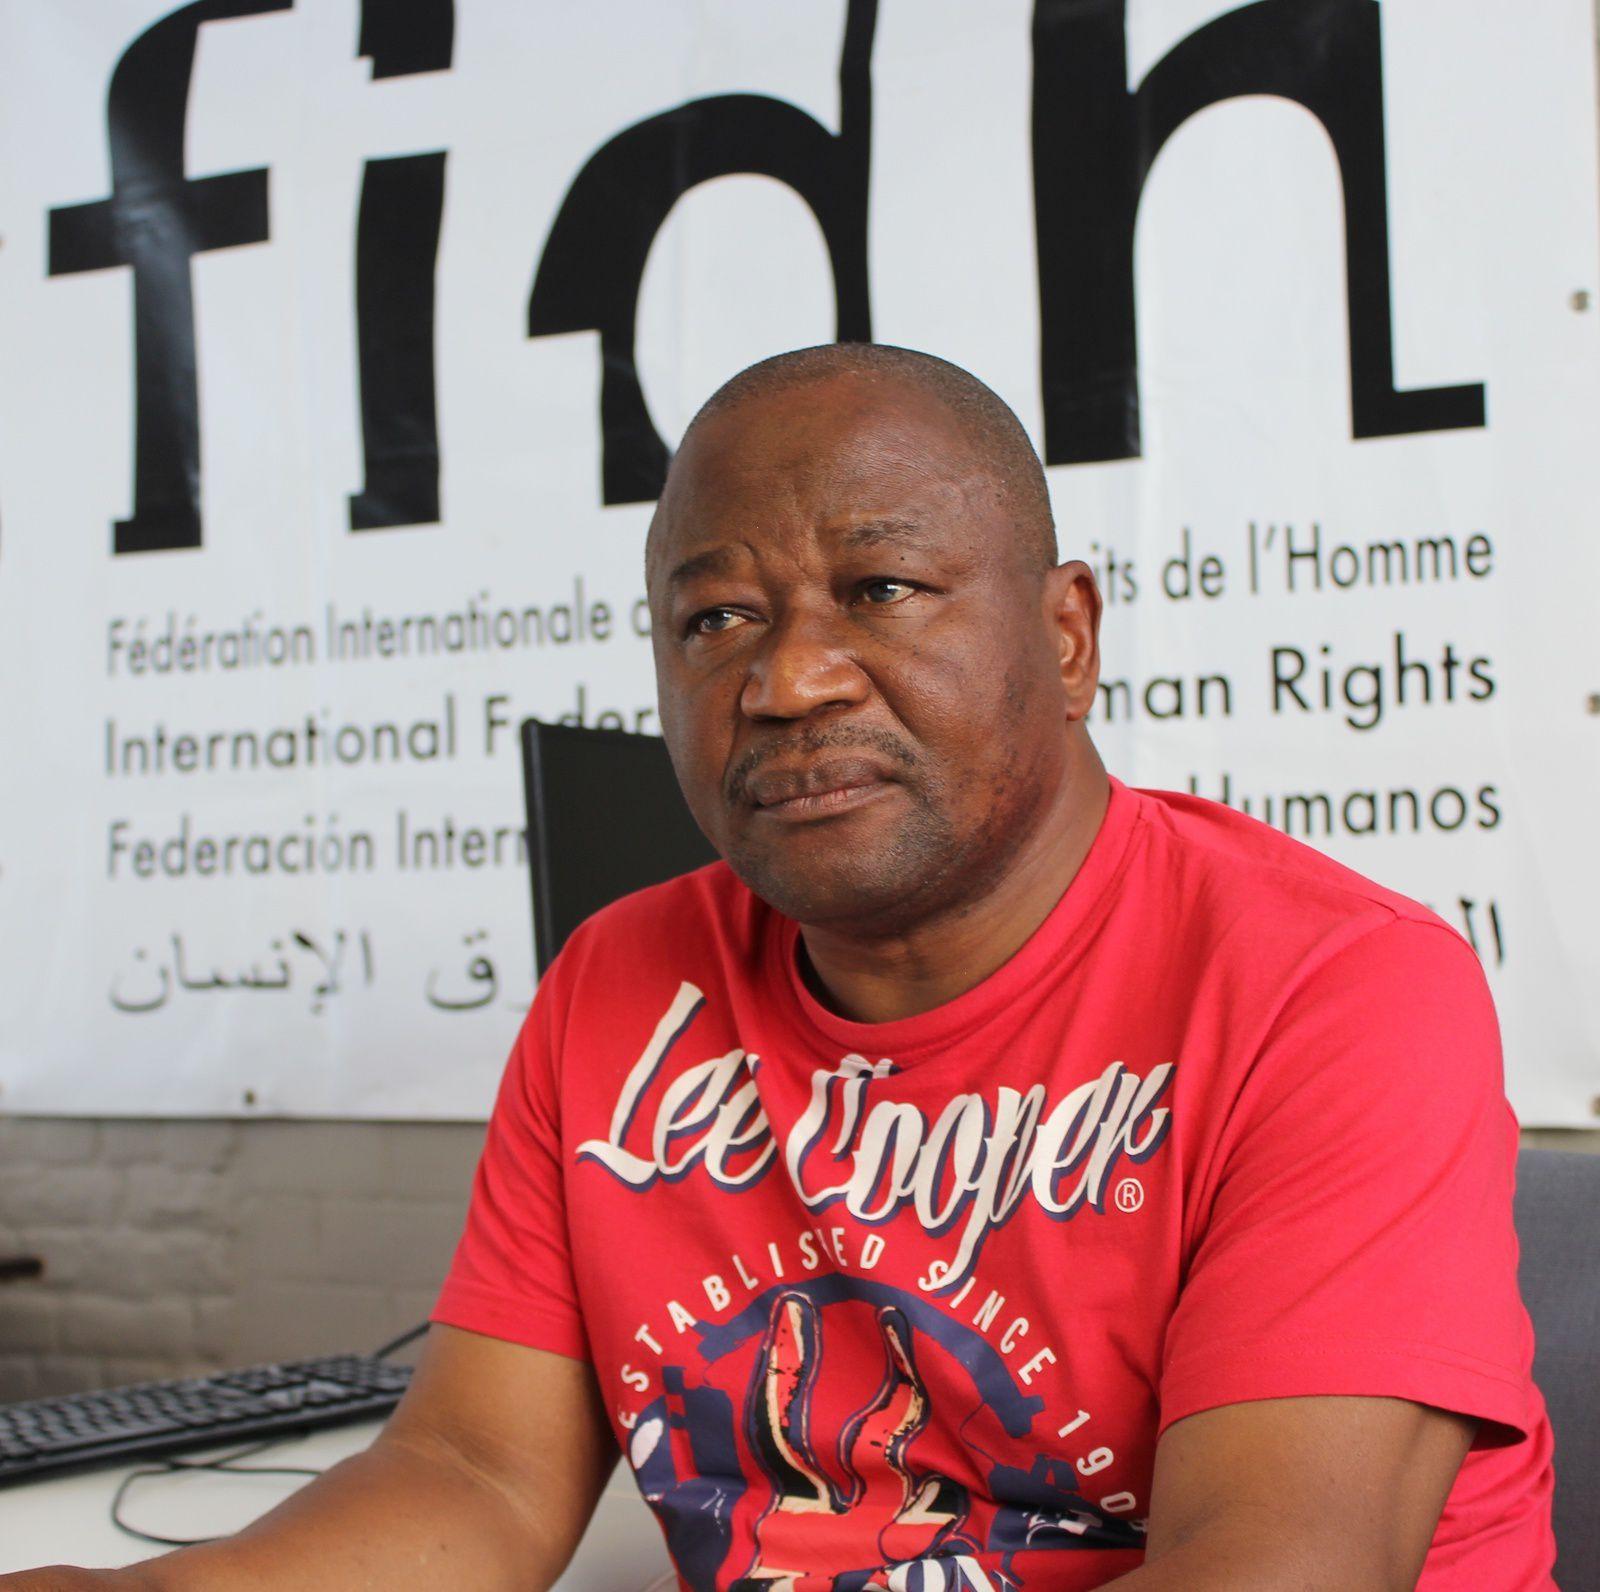 Crise de fin de règne en RD Congo, Paul Nsapu propose la mise en place urgente d'une chaîne de solidarité